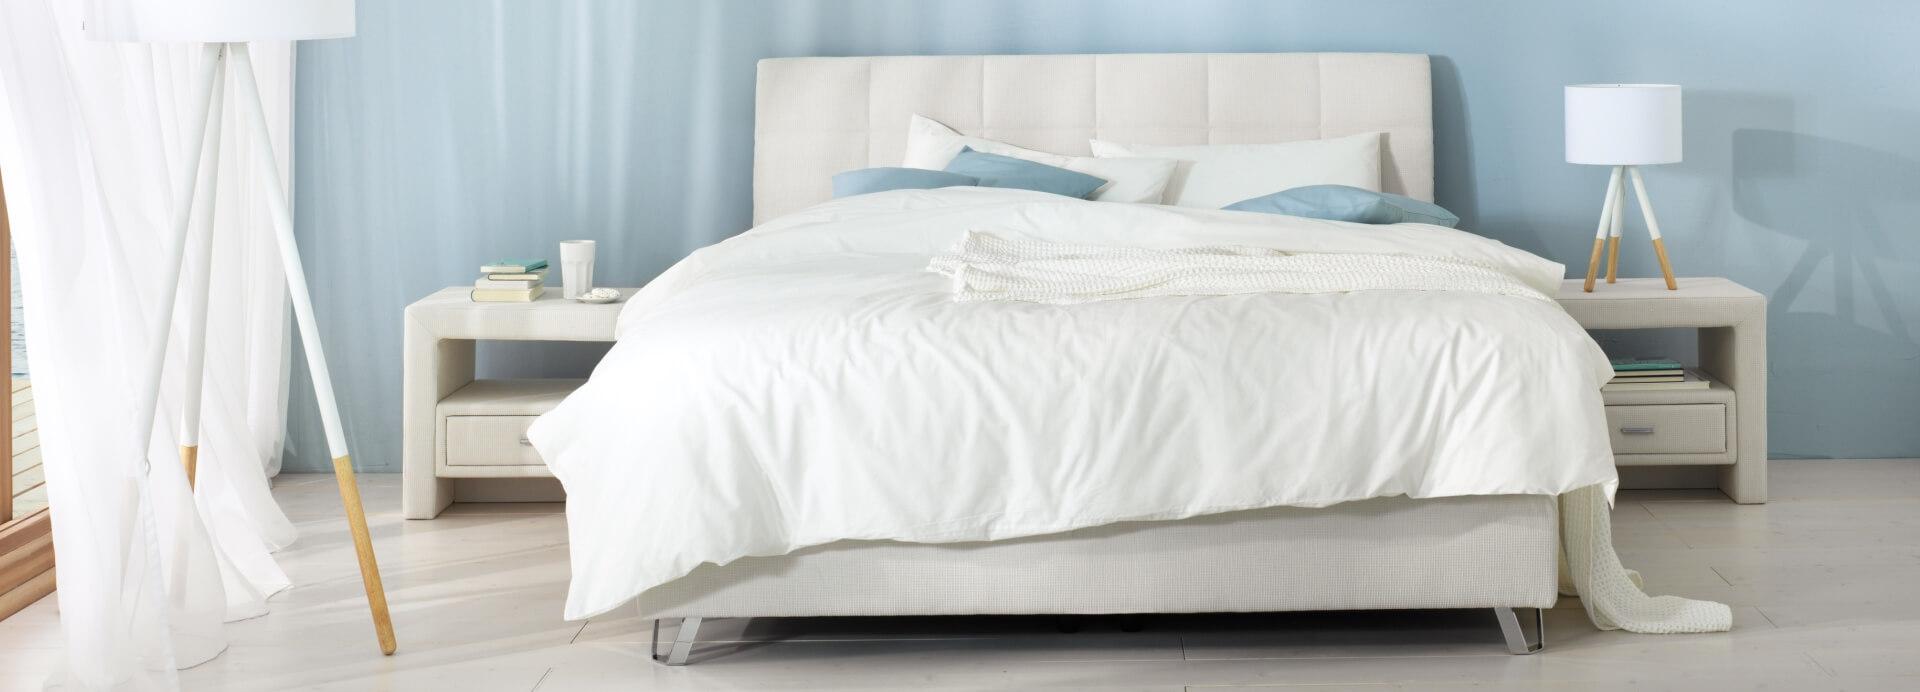 Das orthopädische Schlafsystem von Wenatex | Schlafzimmer mit Wenatex-Bett